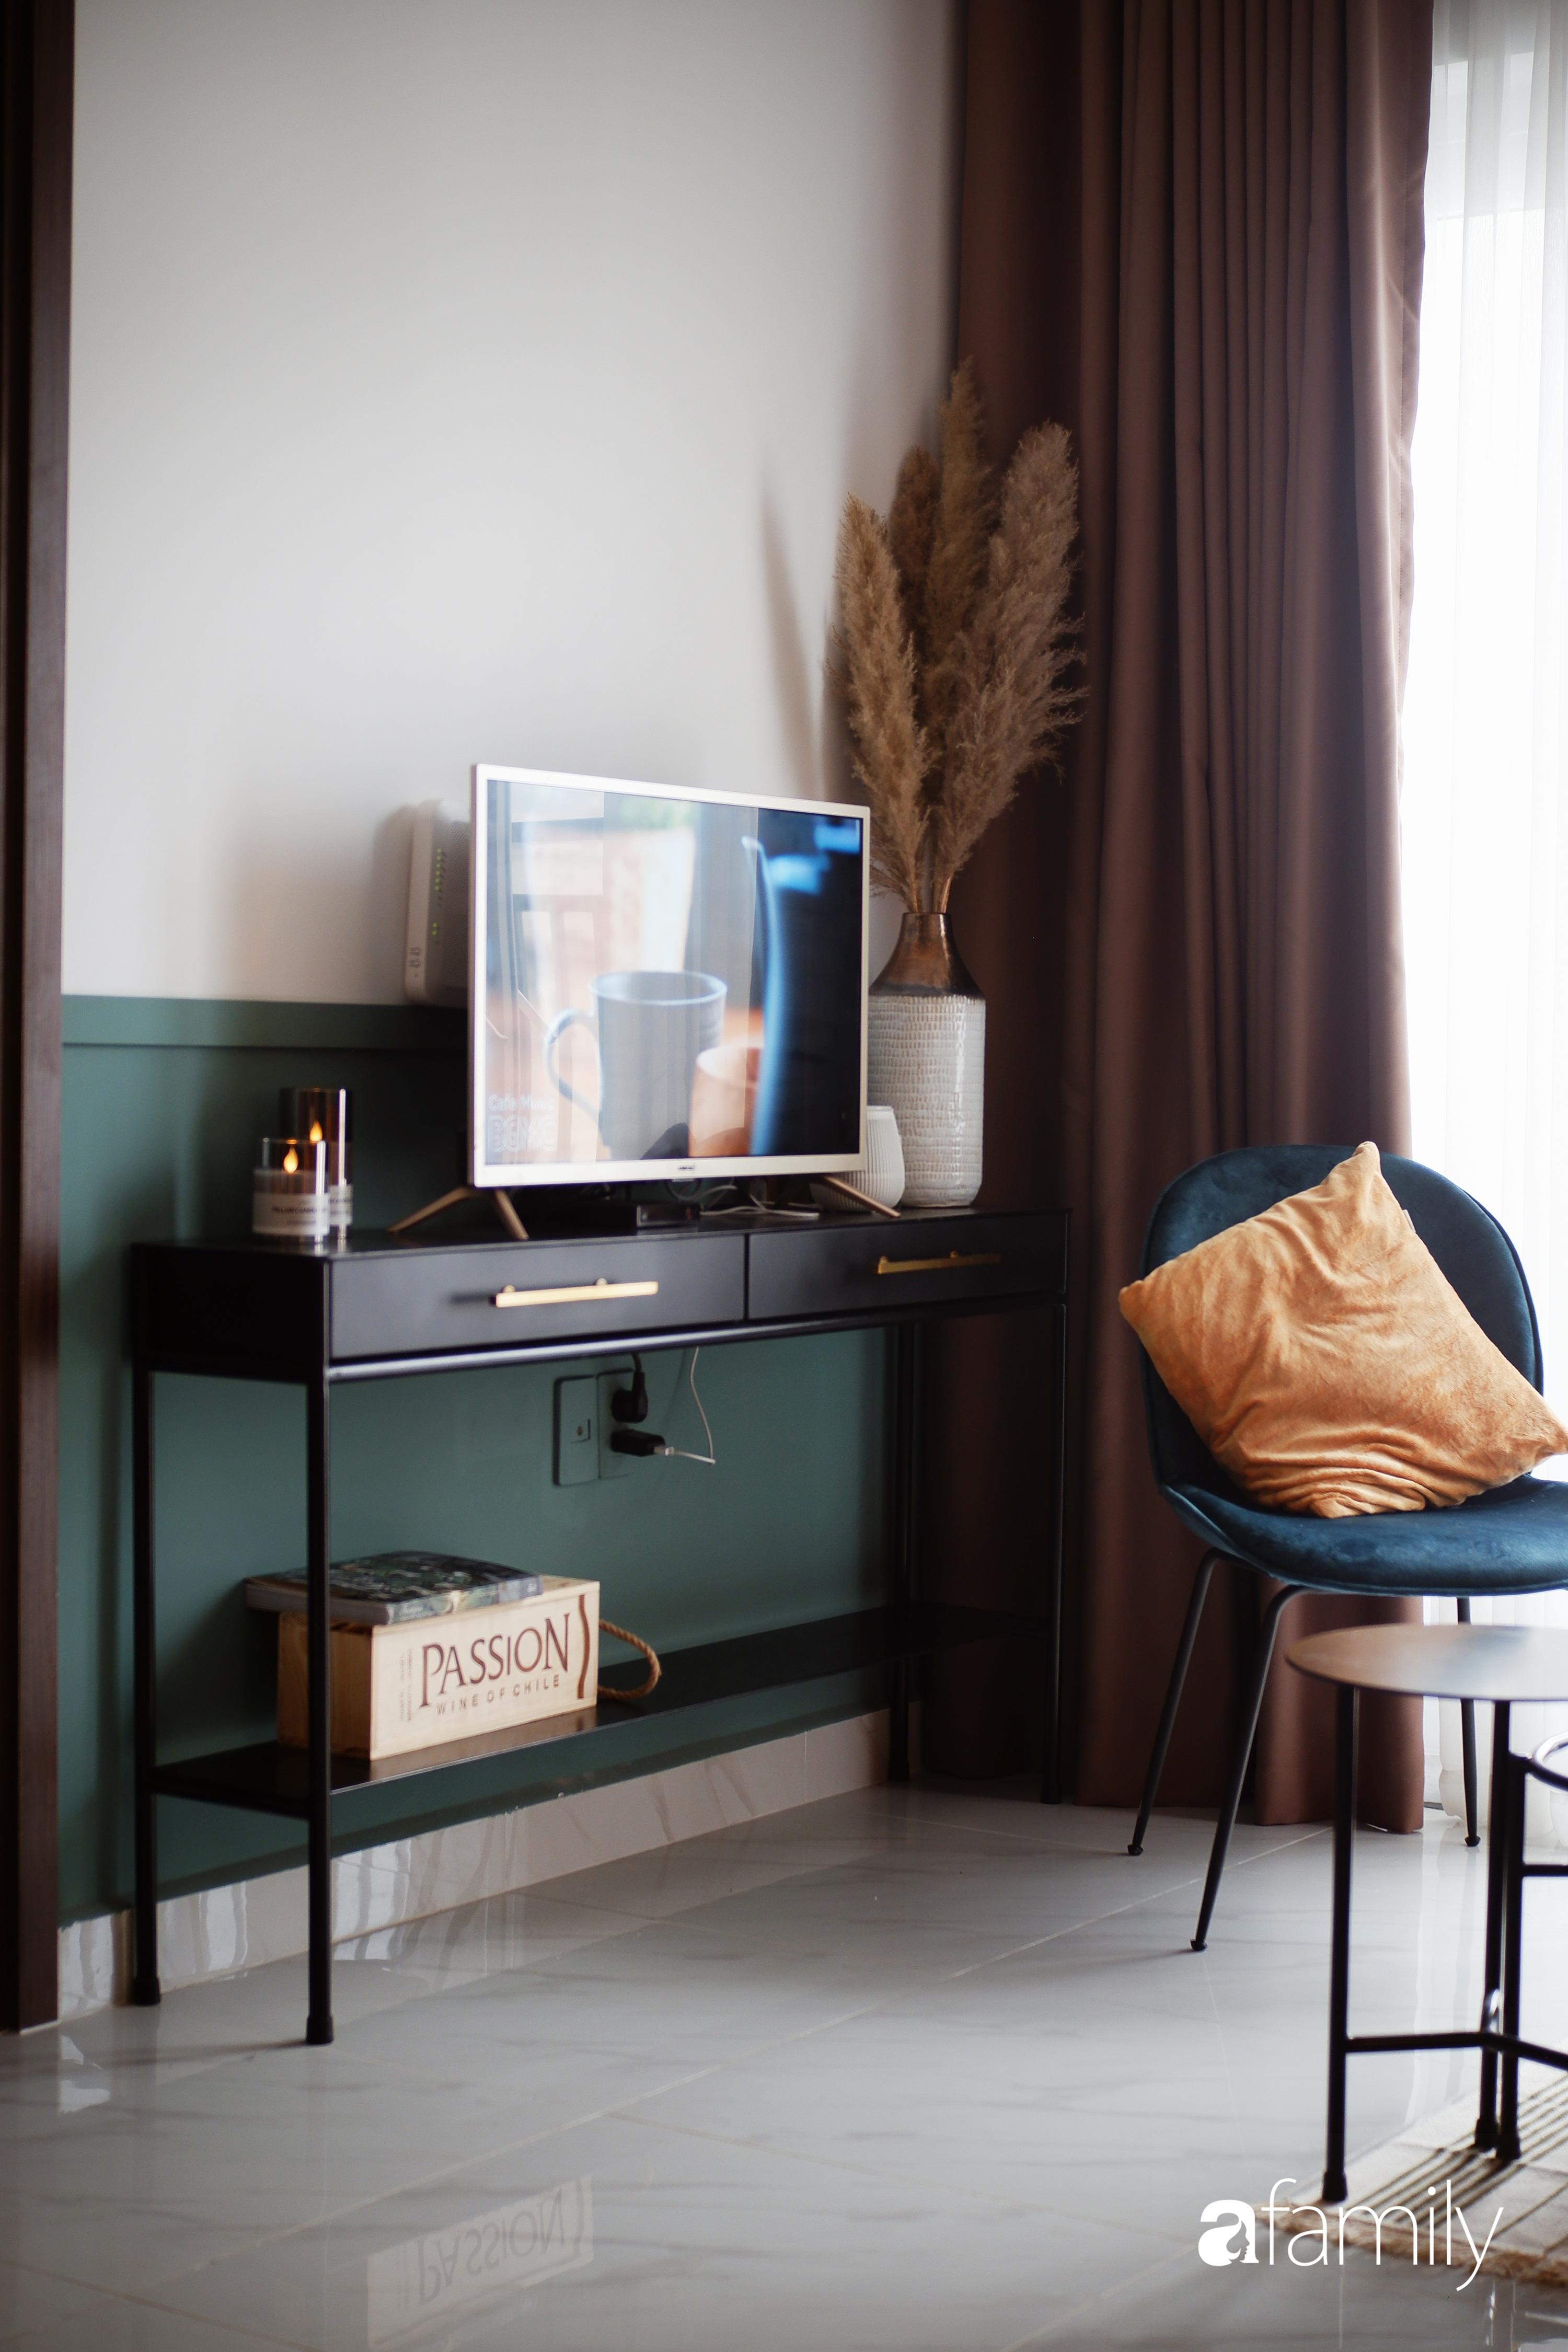 Căn hộ 66m² màu cam đất ấm cúng và trẻ trung của cặp vợ chồng trẻ tự tay thiết kế có chi phí 150 triệu đồng ở Sài Gòn - Ảnh 5.